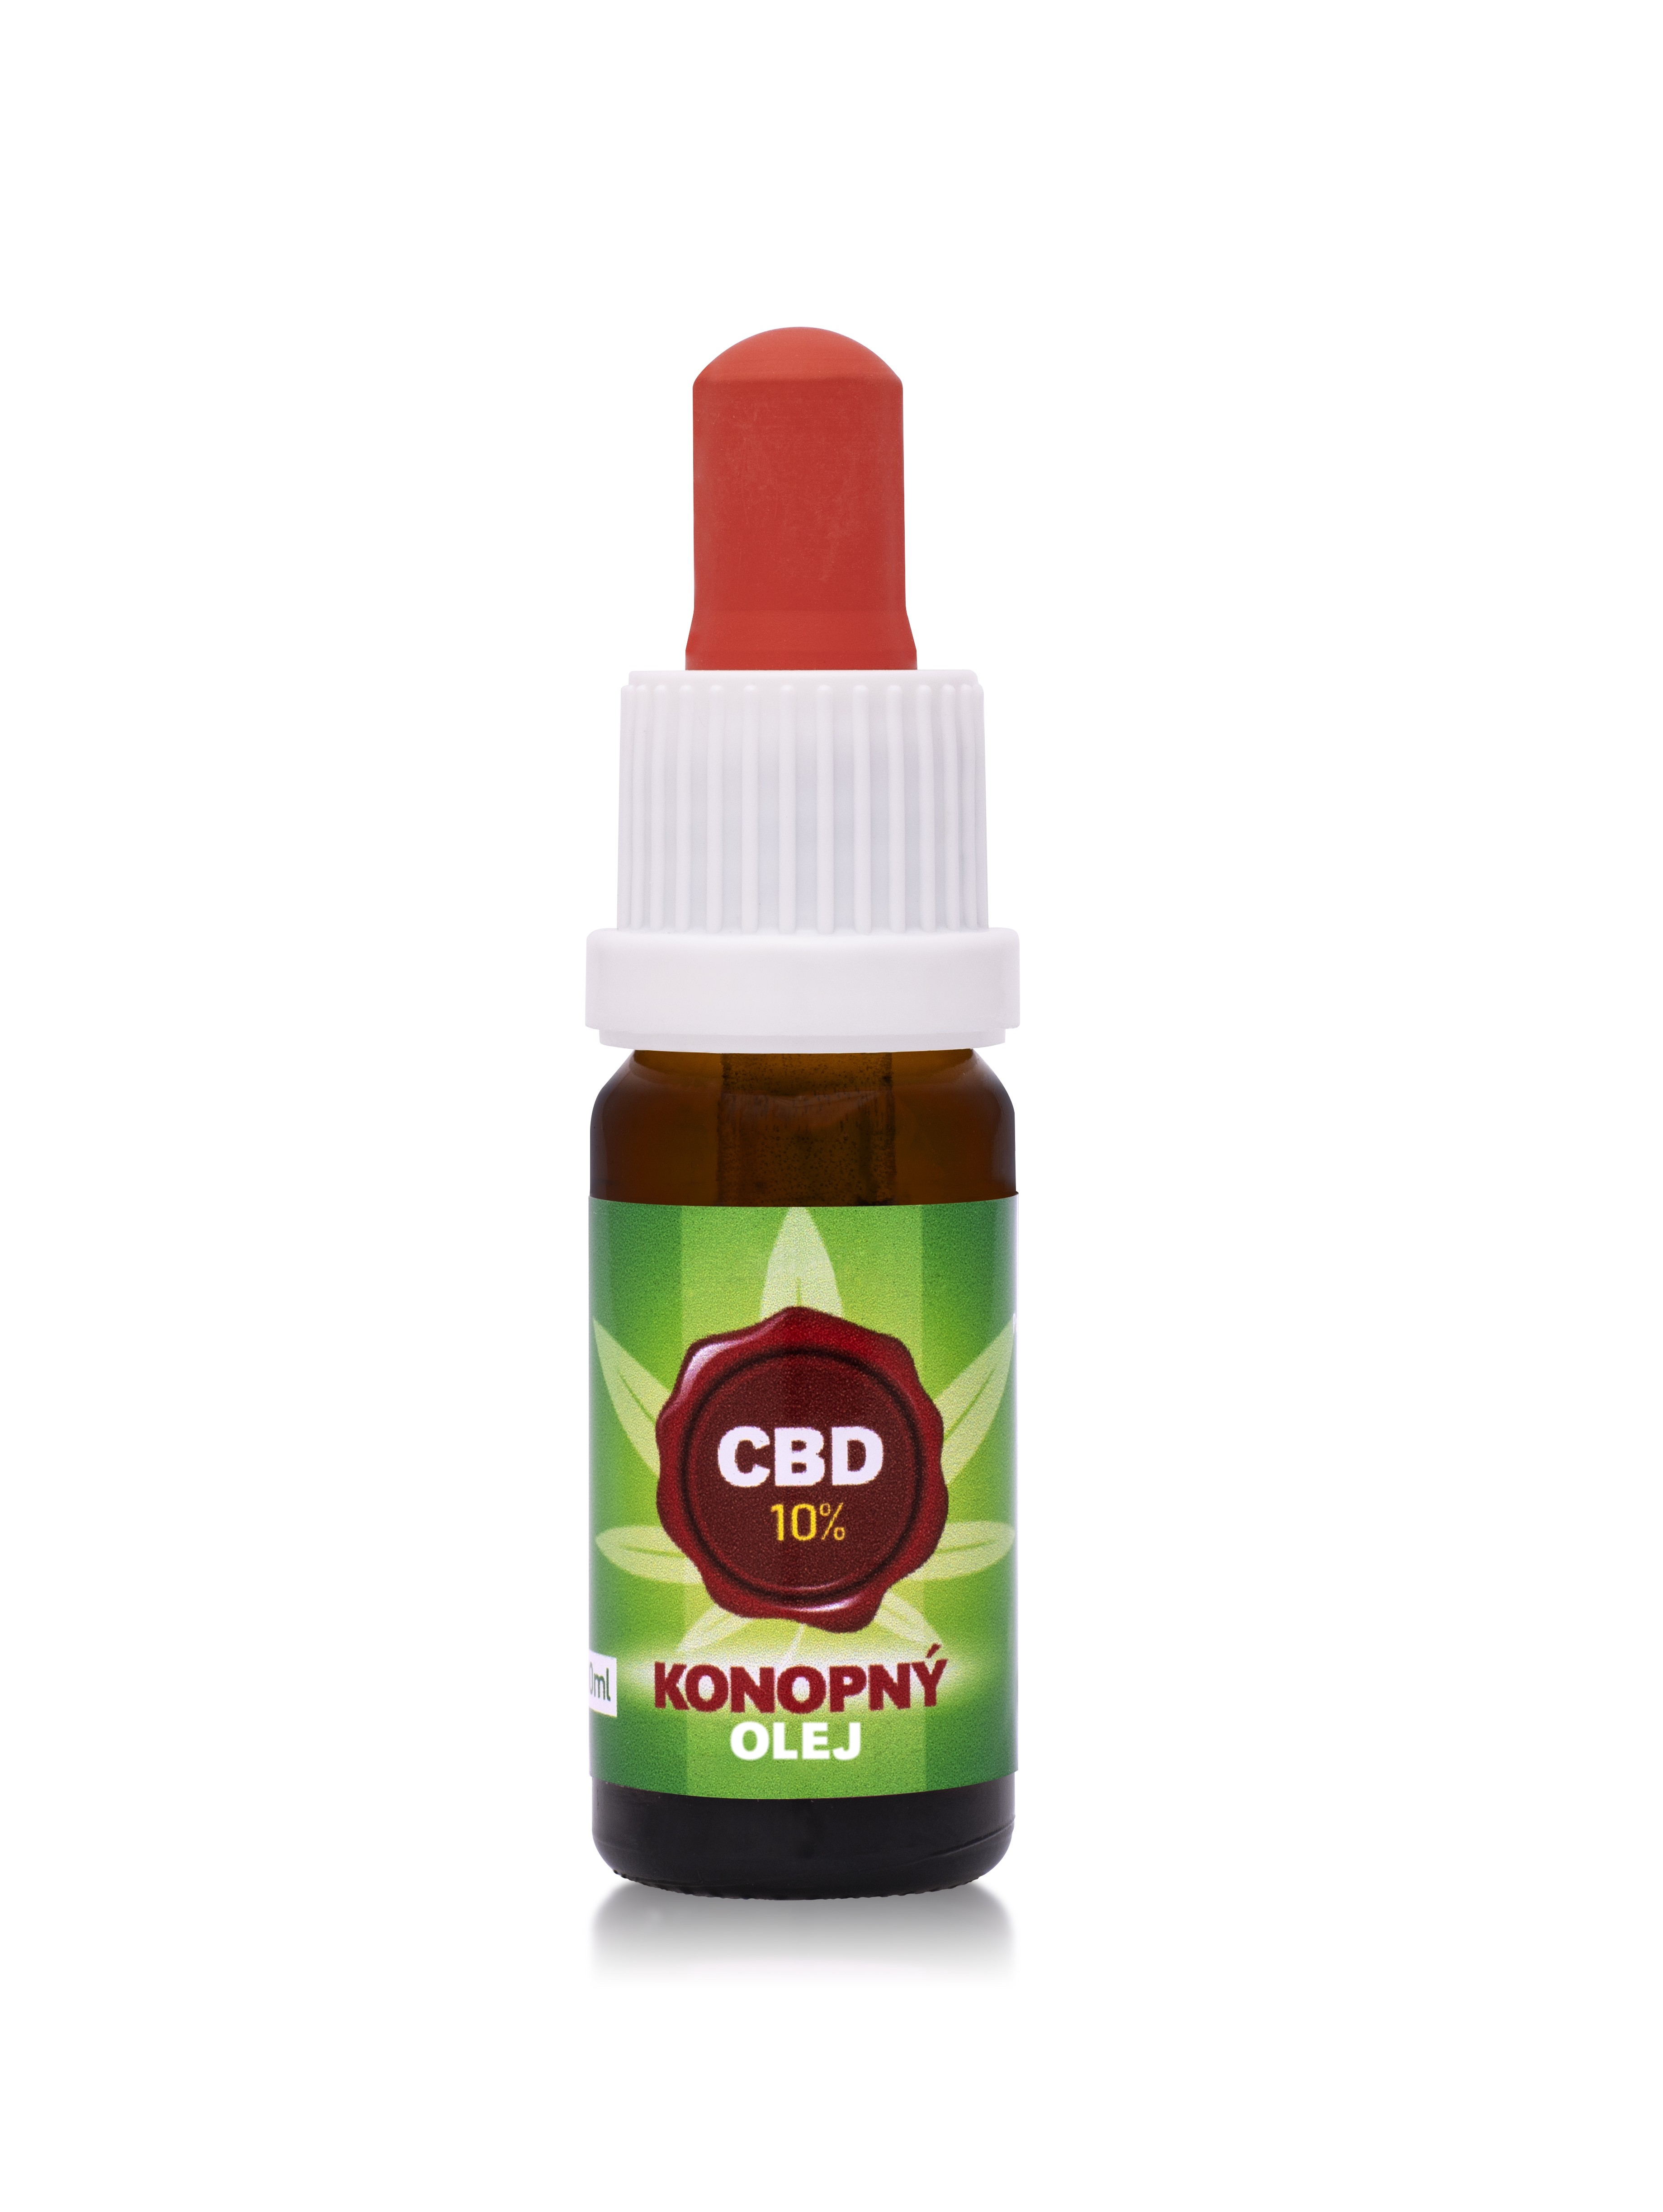 10% CBD - Konopný olej